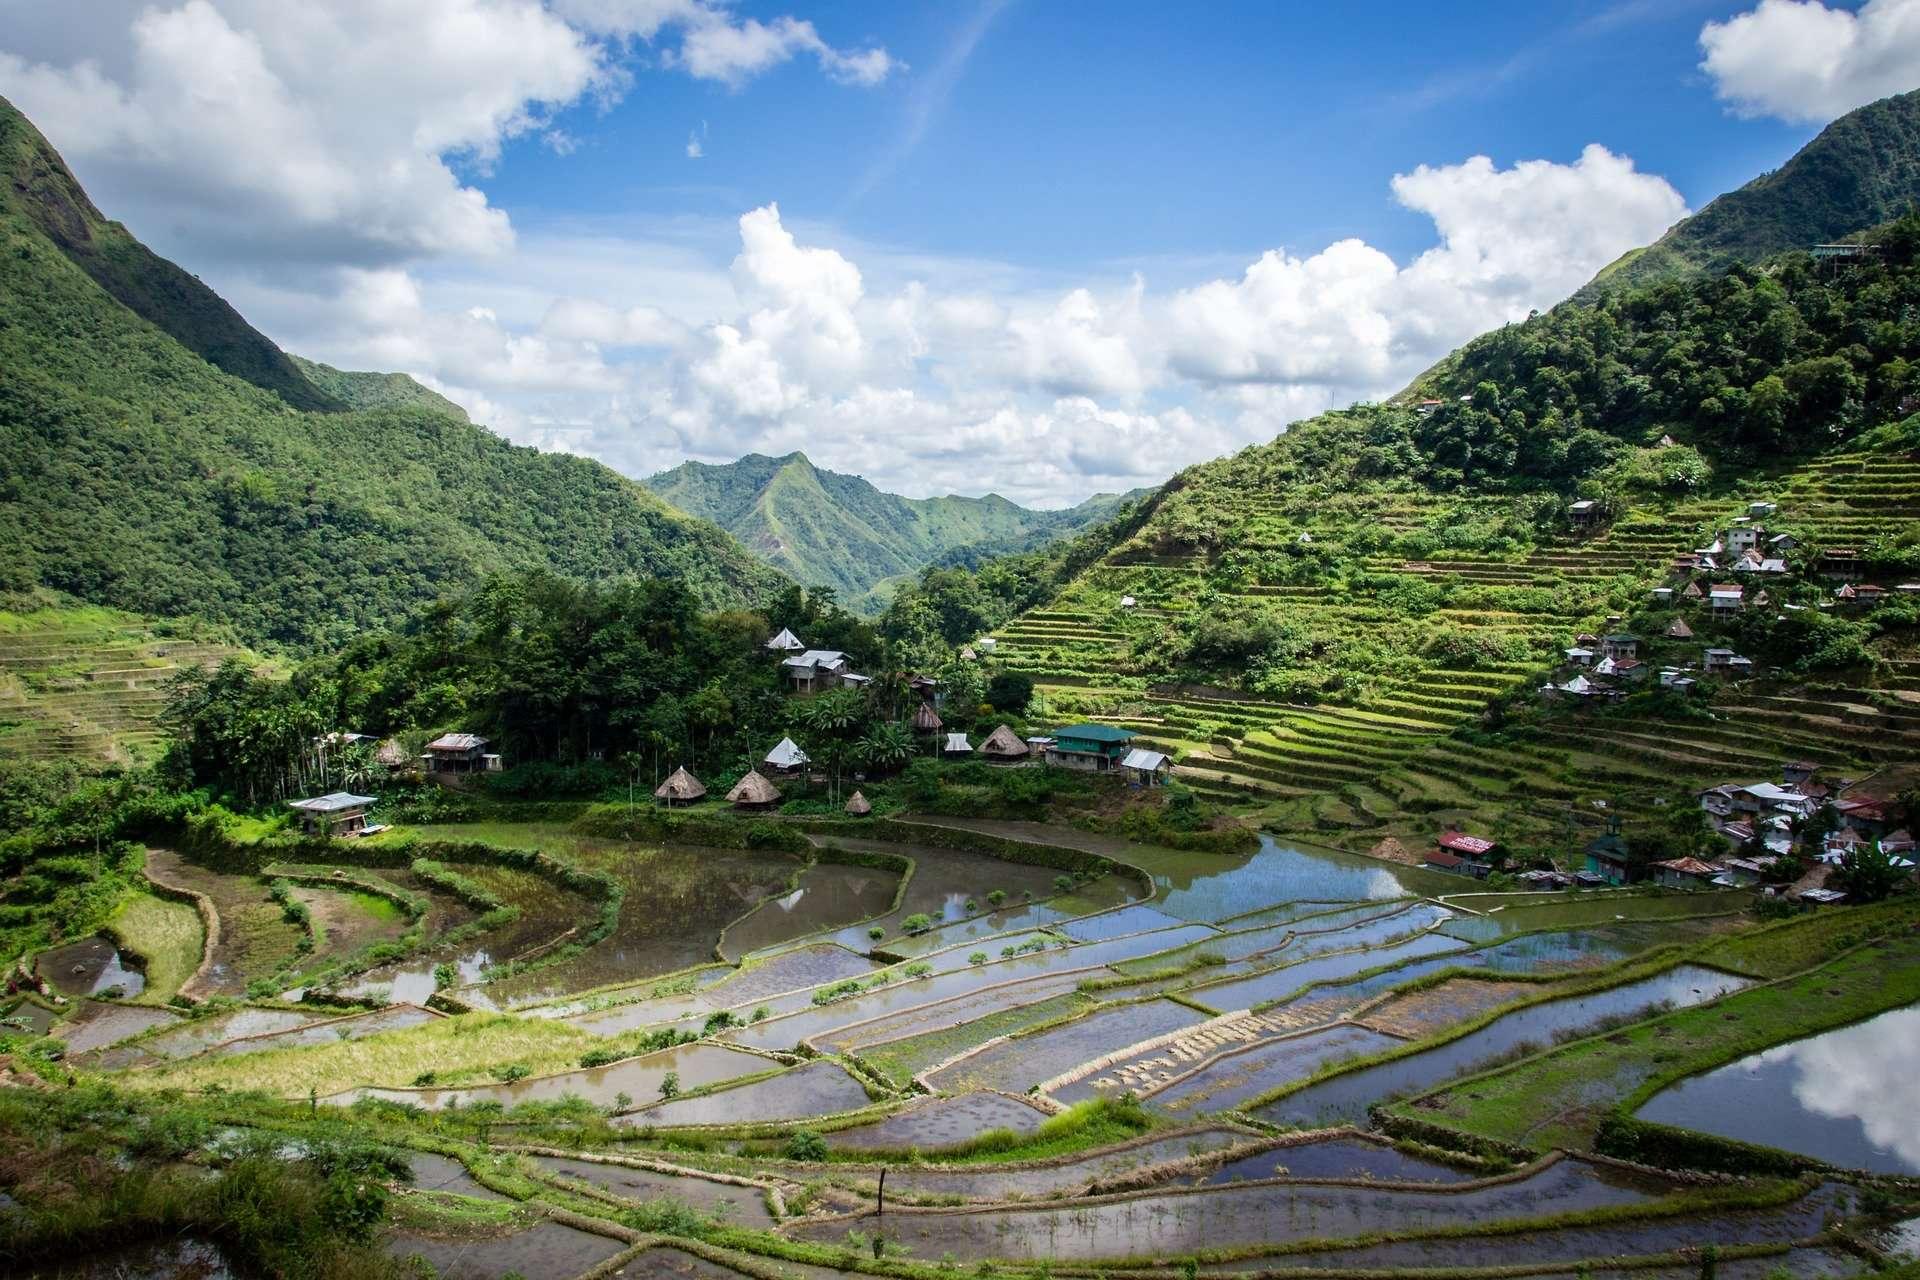 Paysage des Philippines. © lester56, Pixabay